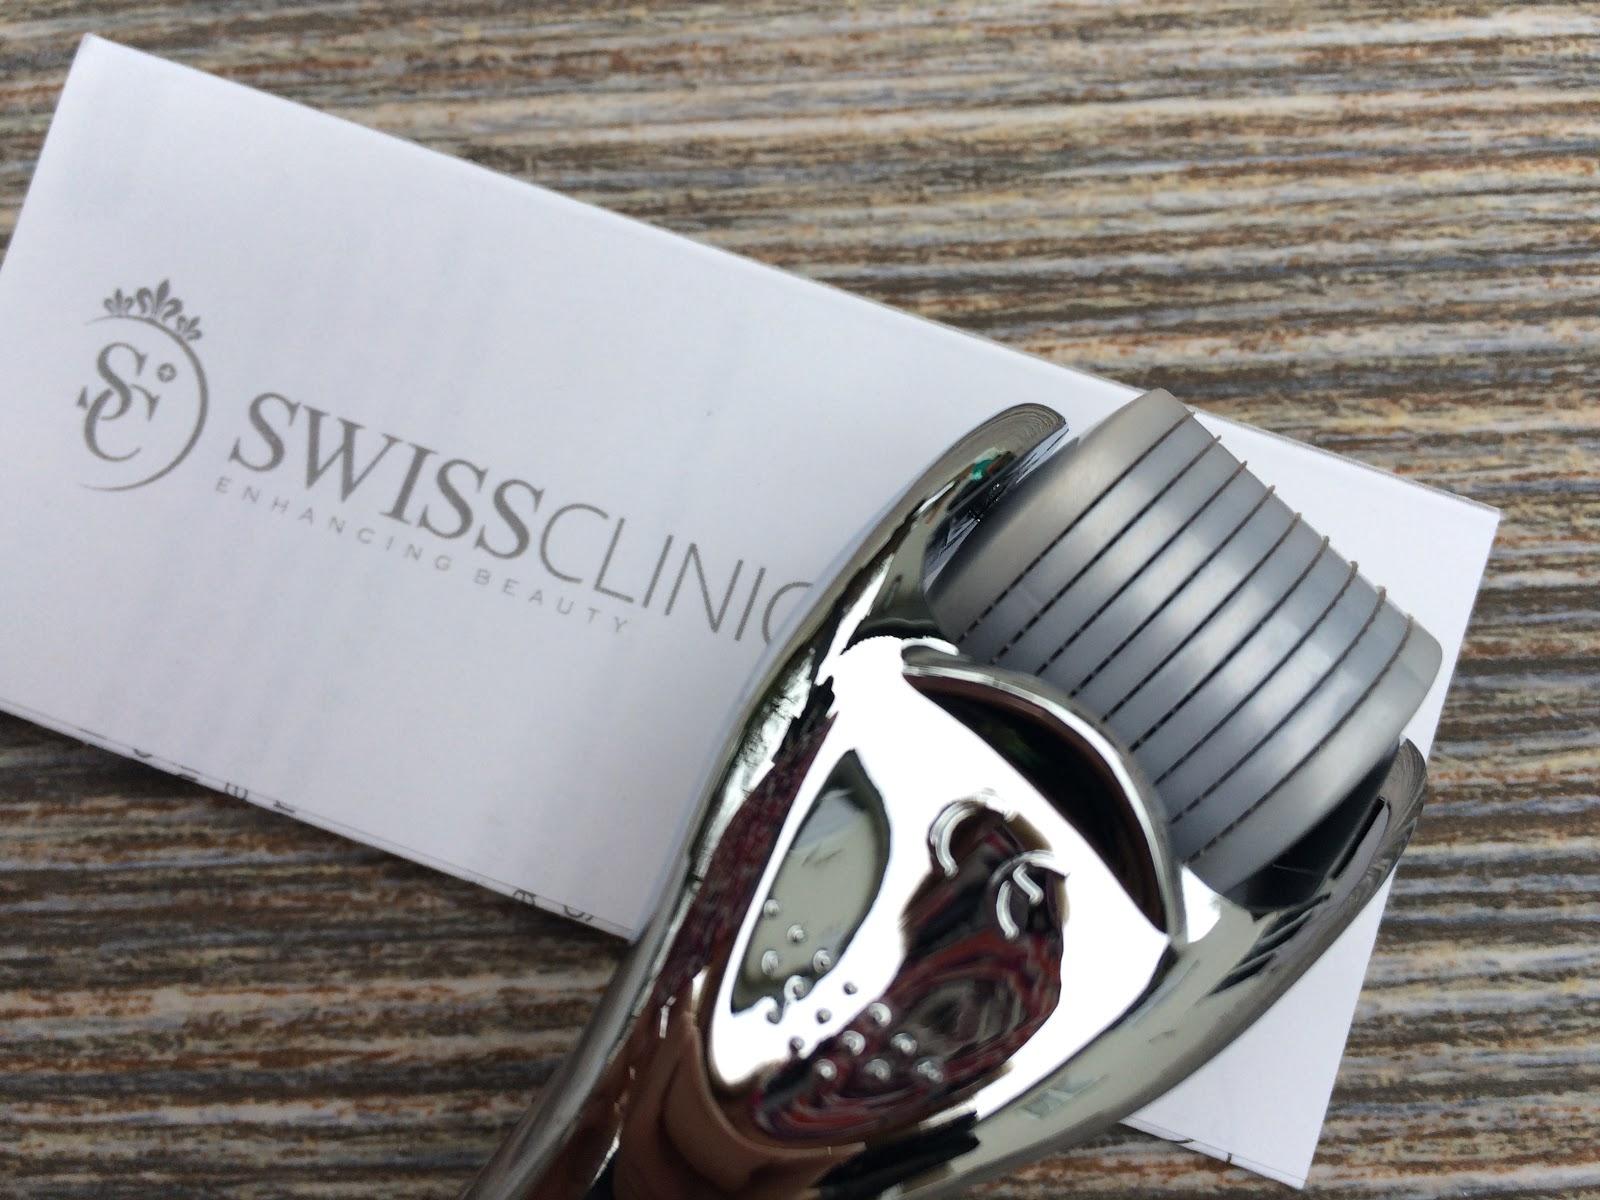 SwissClinic skin roller